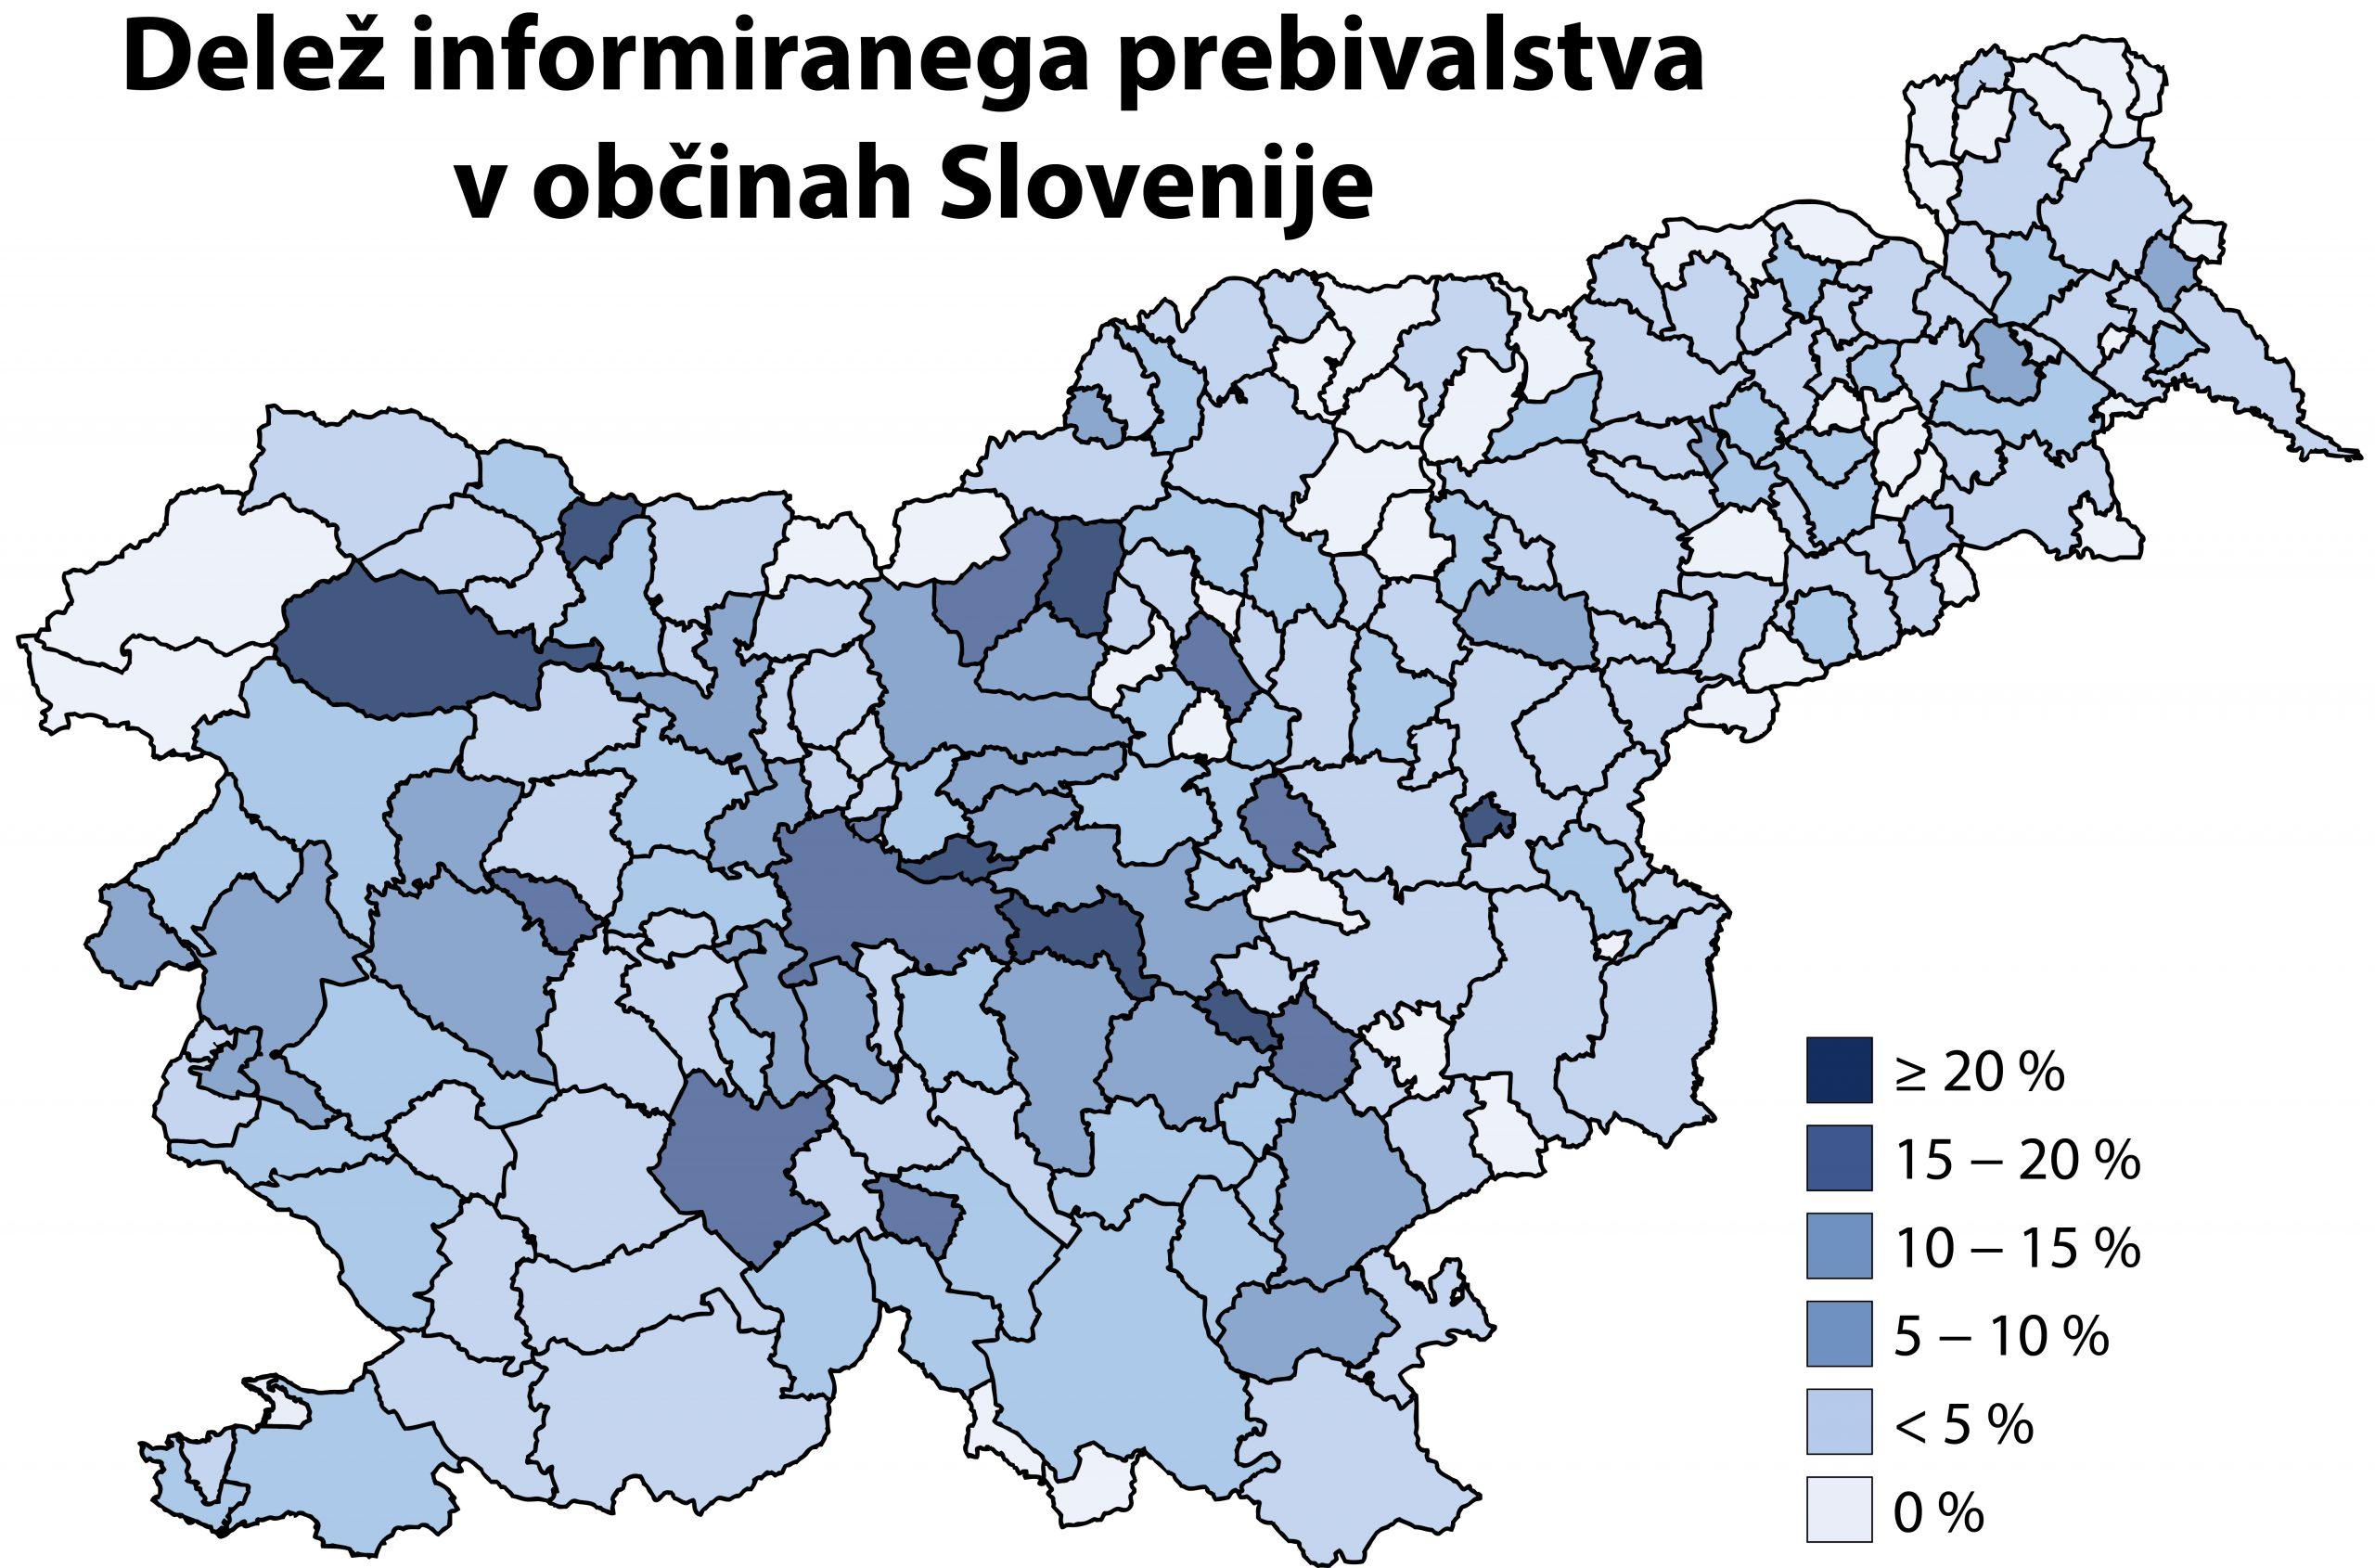 Delež informiranega prebivalstva v občinah Slovenije